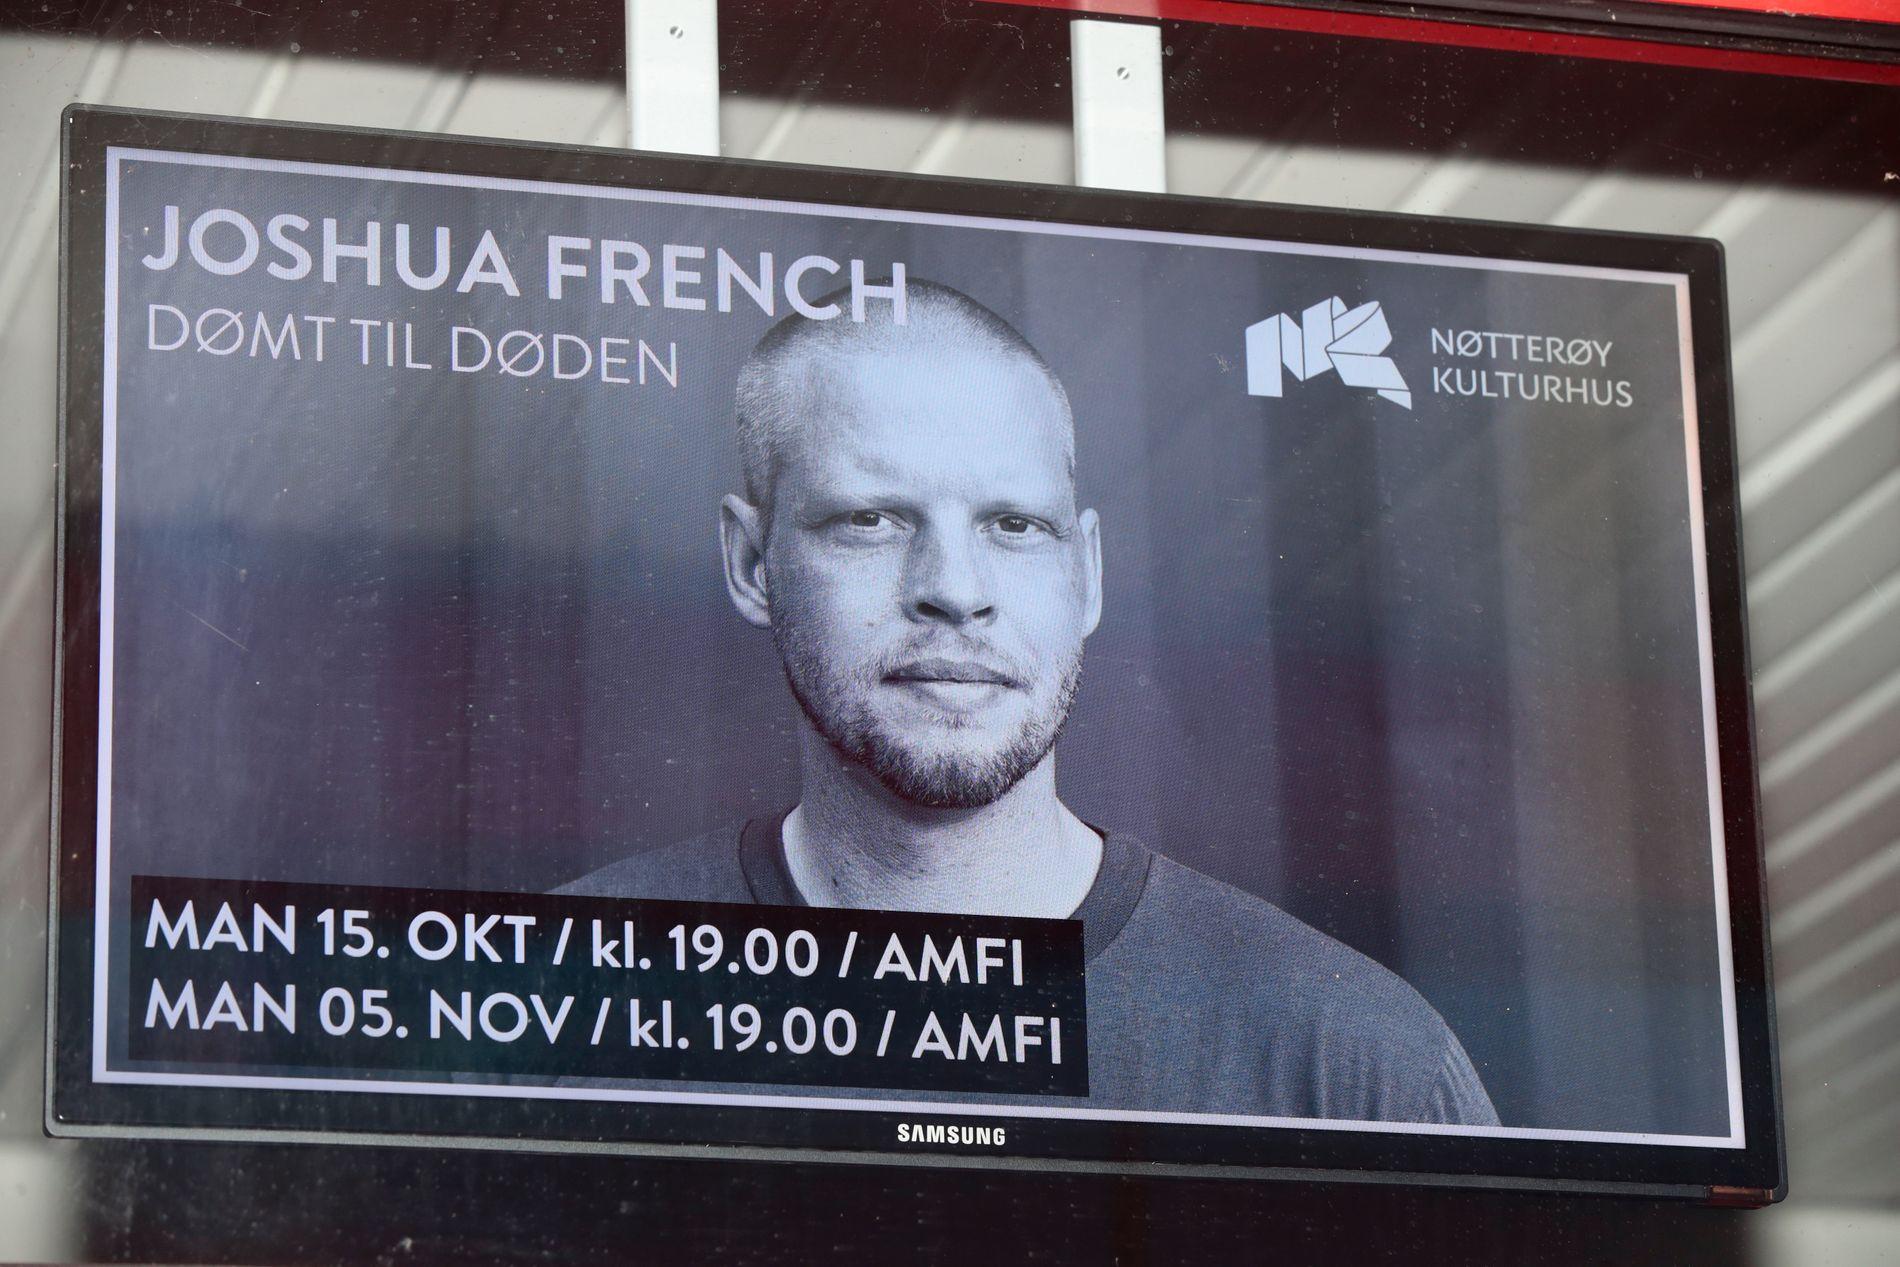 FOREDRAG: Joshua French holdt foredrag på Nøtterøy kulturhus mandag kveld.